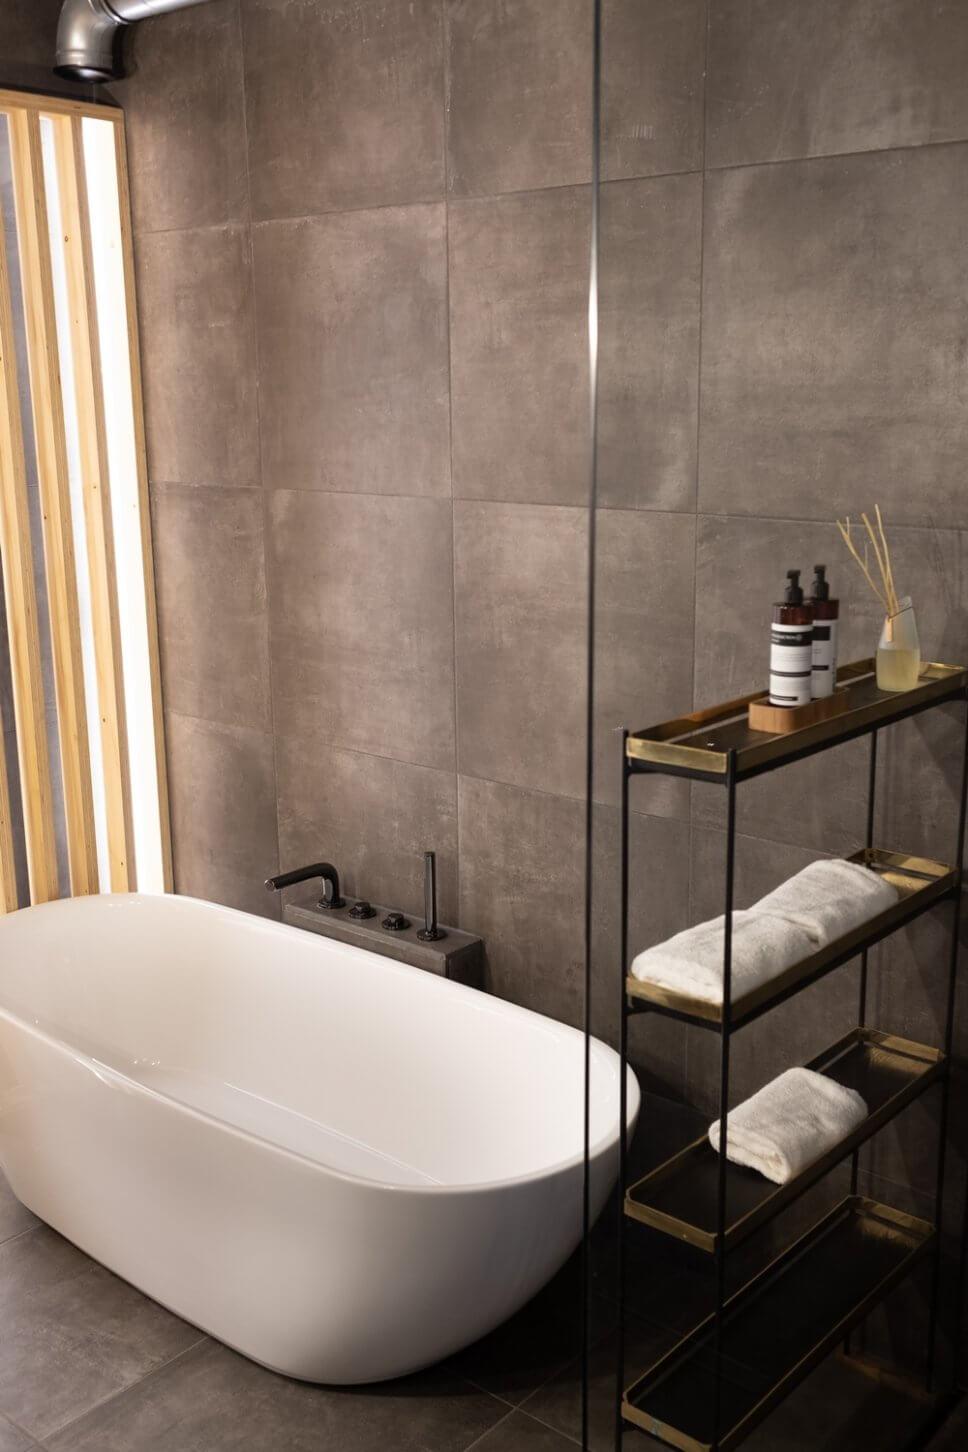 Modernes Badezimmer mit freistehender Wanne